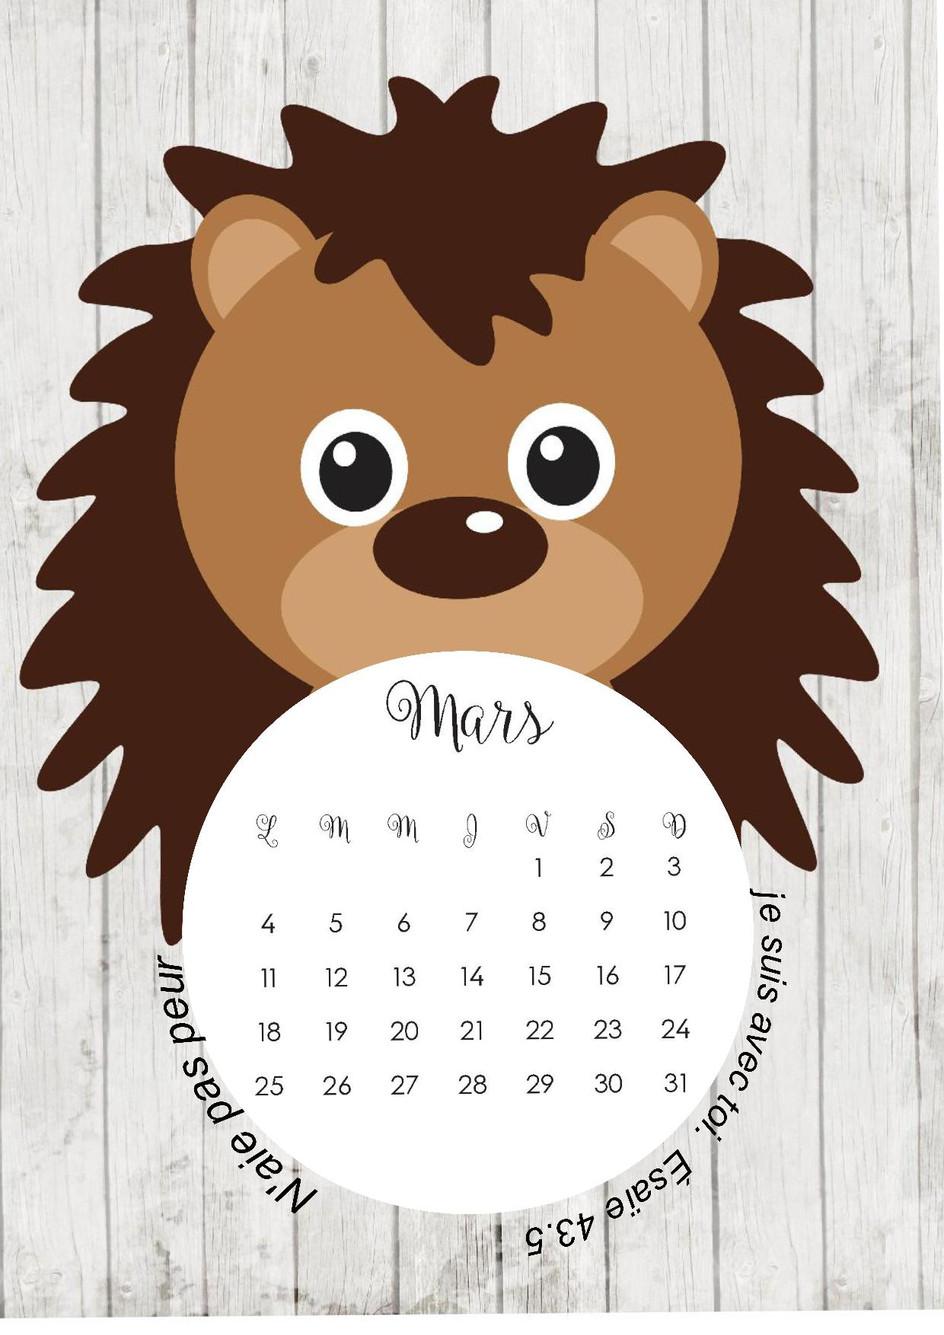 La page calendrier de mars